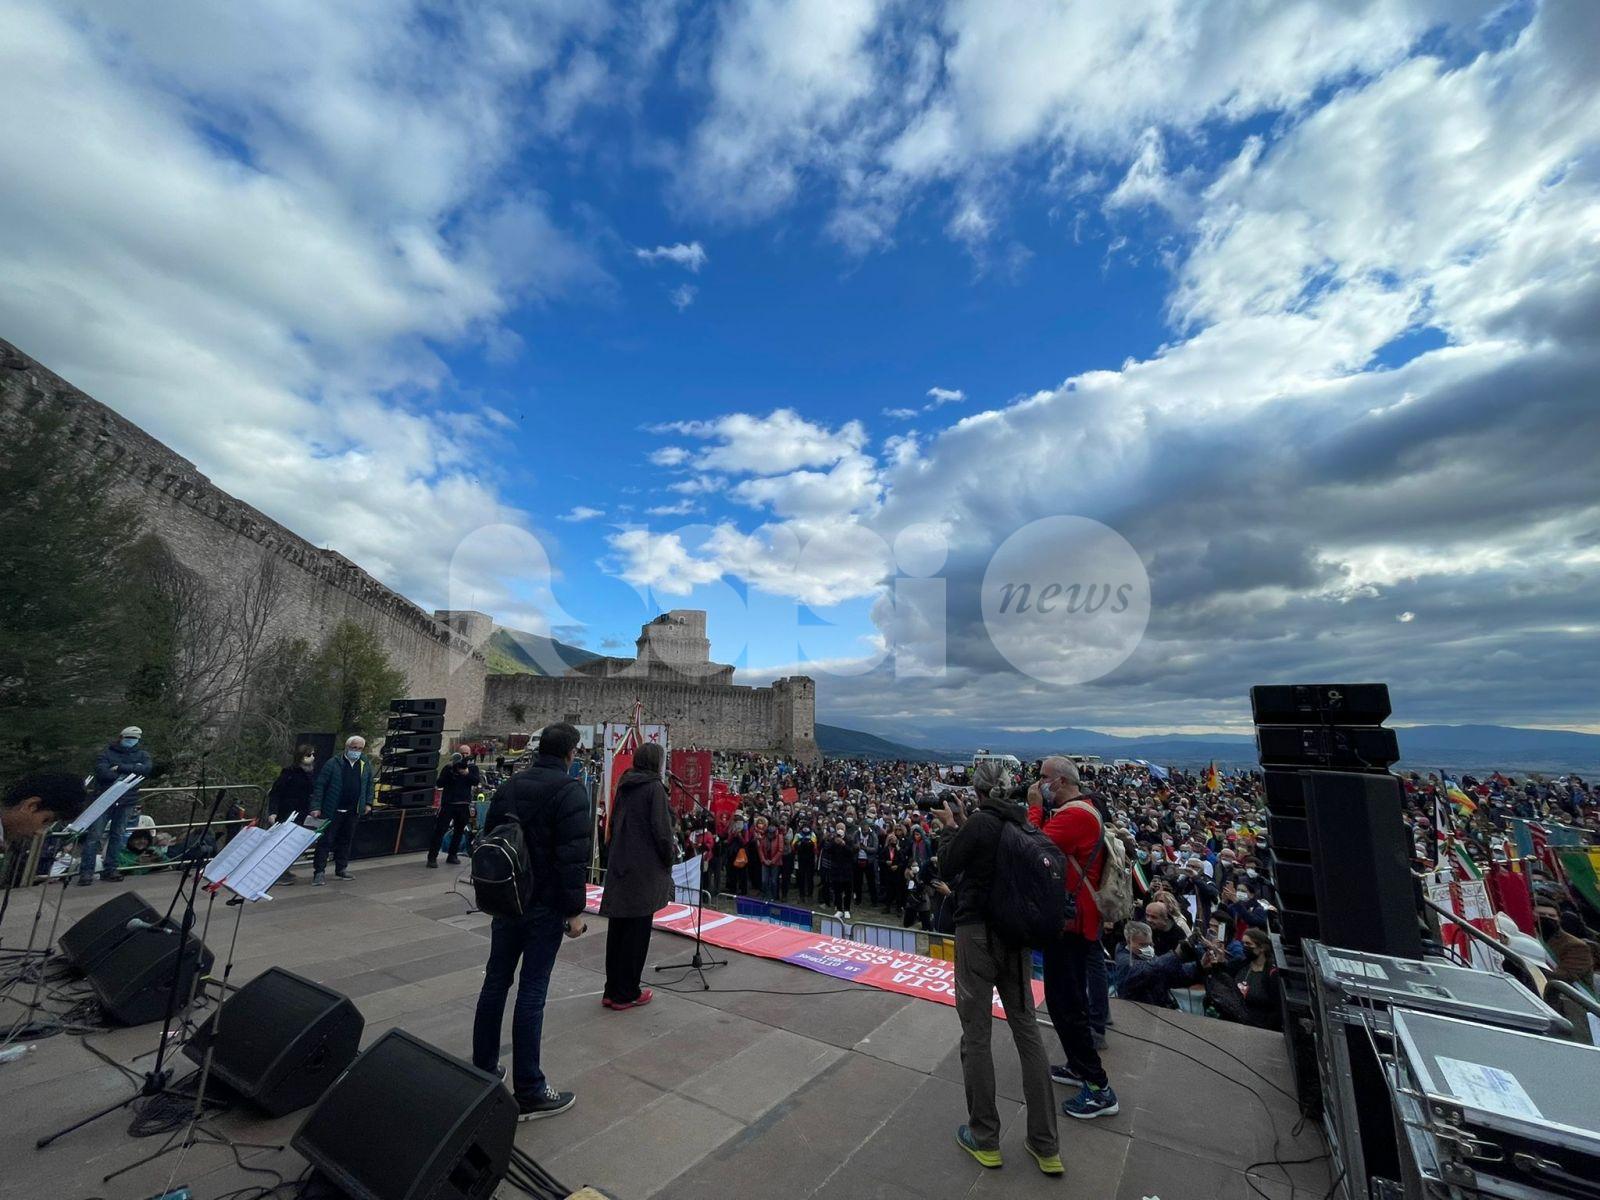 Marcia della Pace 2021 arrivata ad Assisi: oltre diecimila persone (foto)